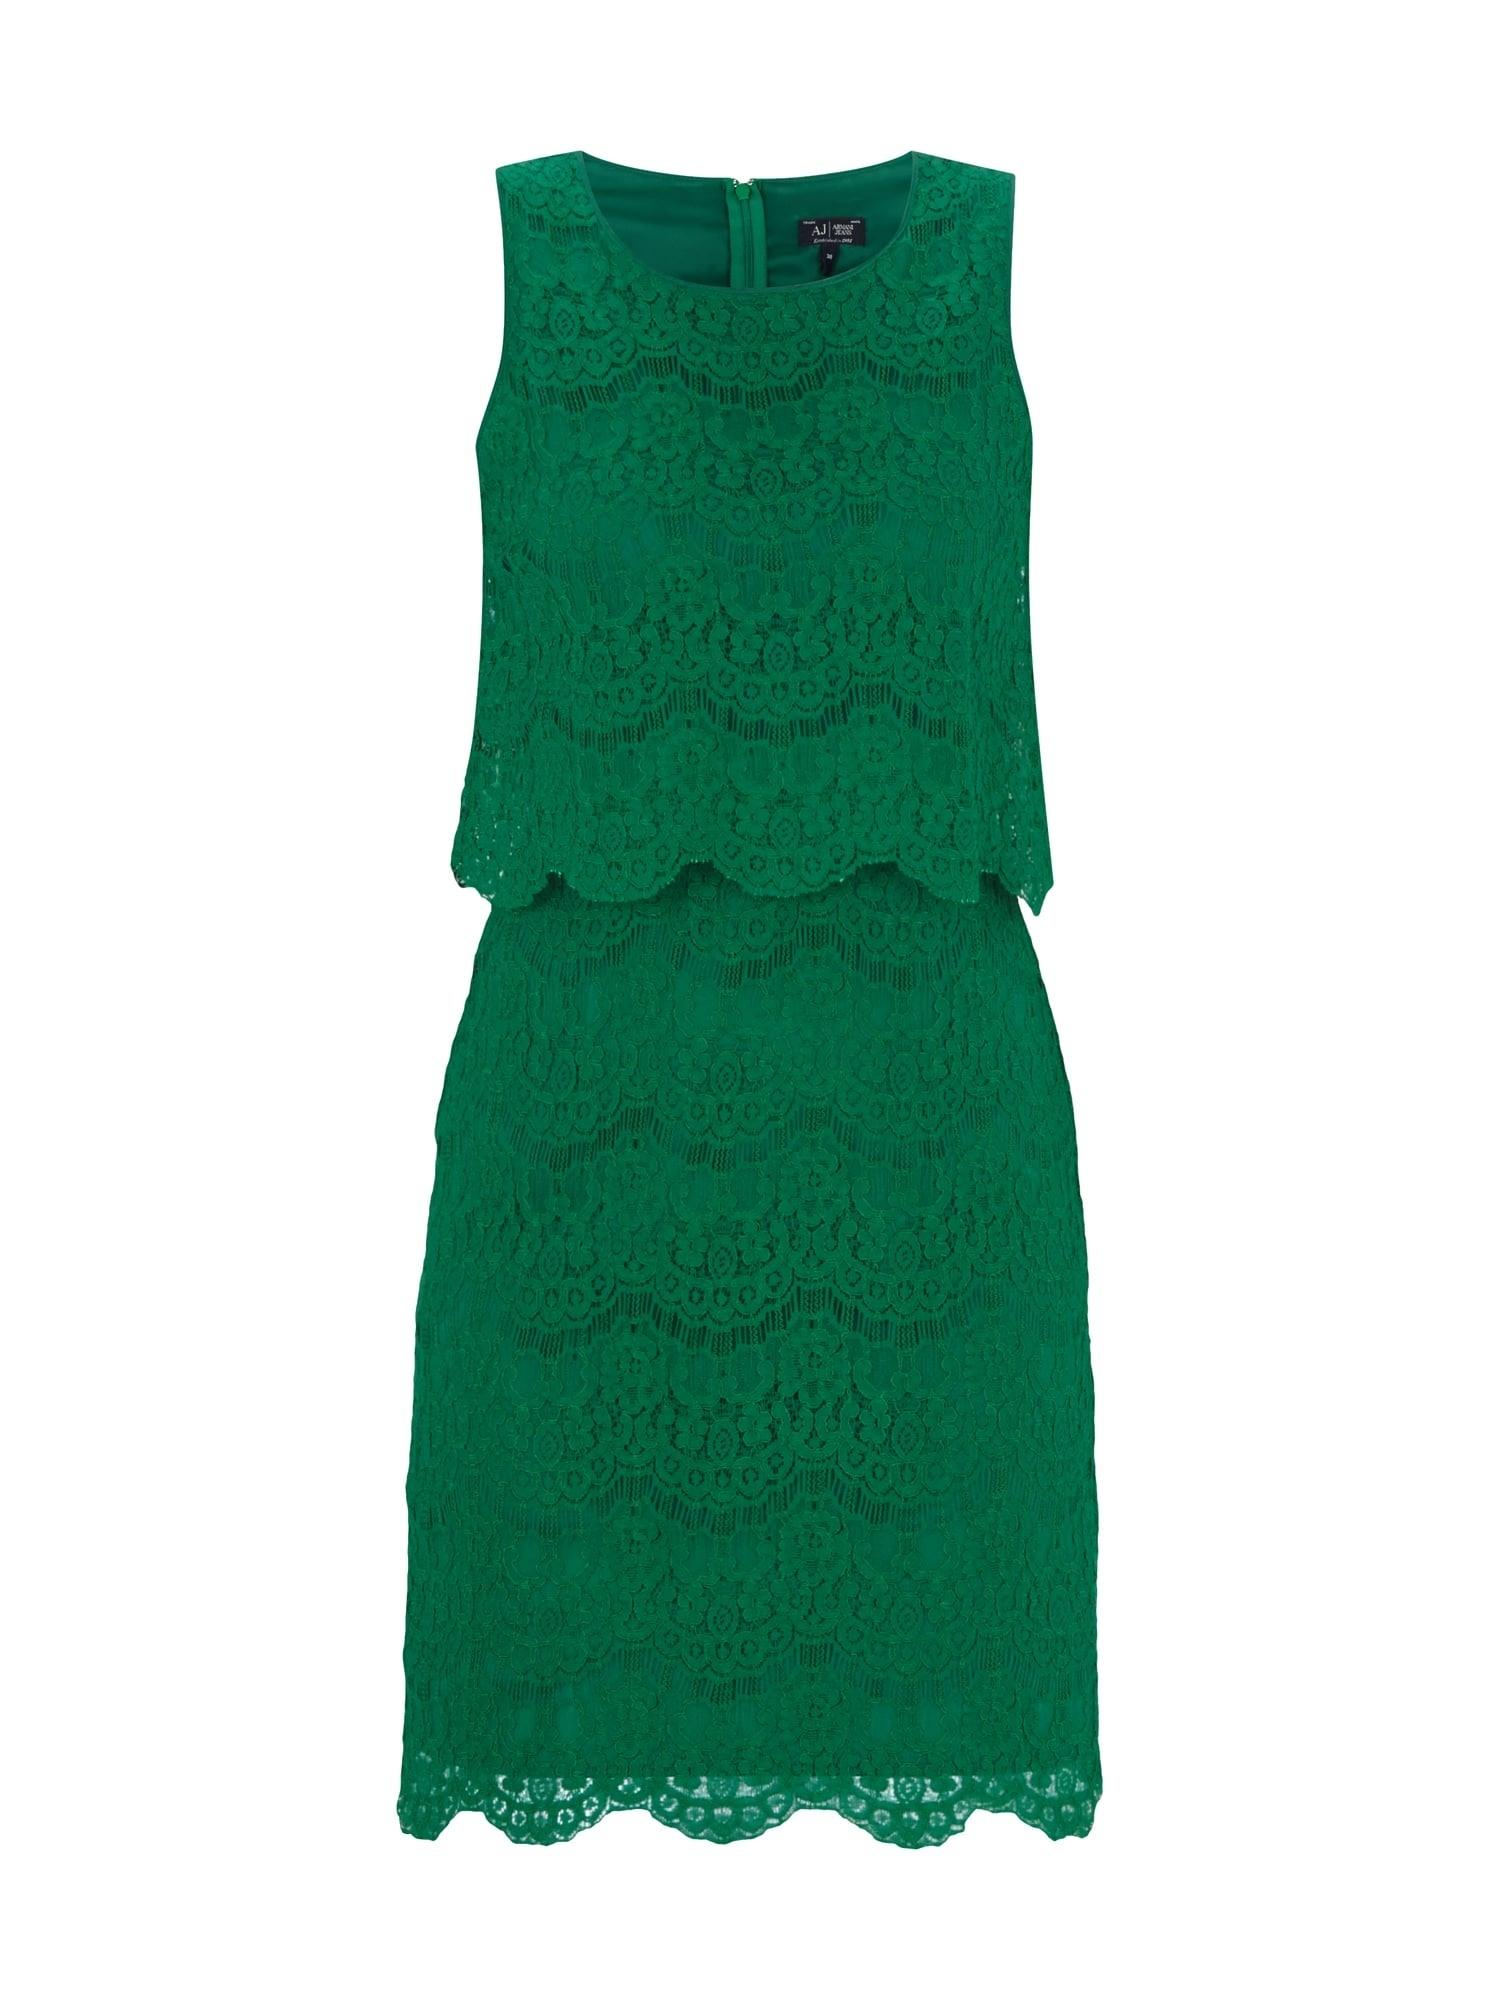 10 Cool Kleid Grün Spitze Spezialgebiet17 Genial Kleid Grün Spitze Stylish